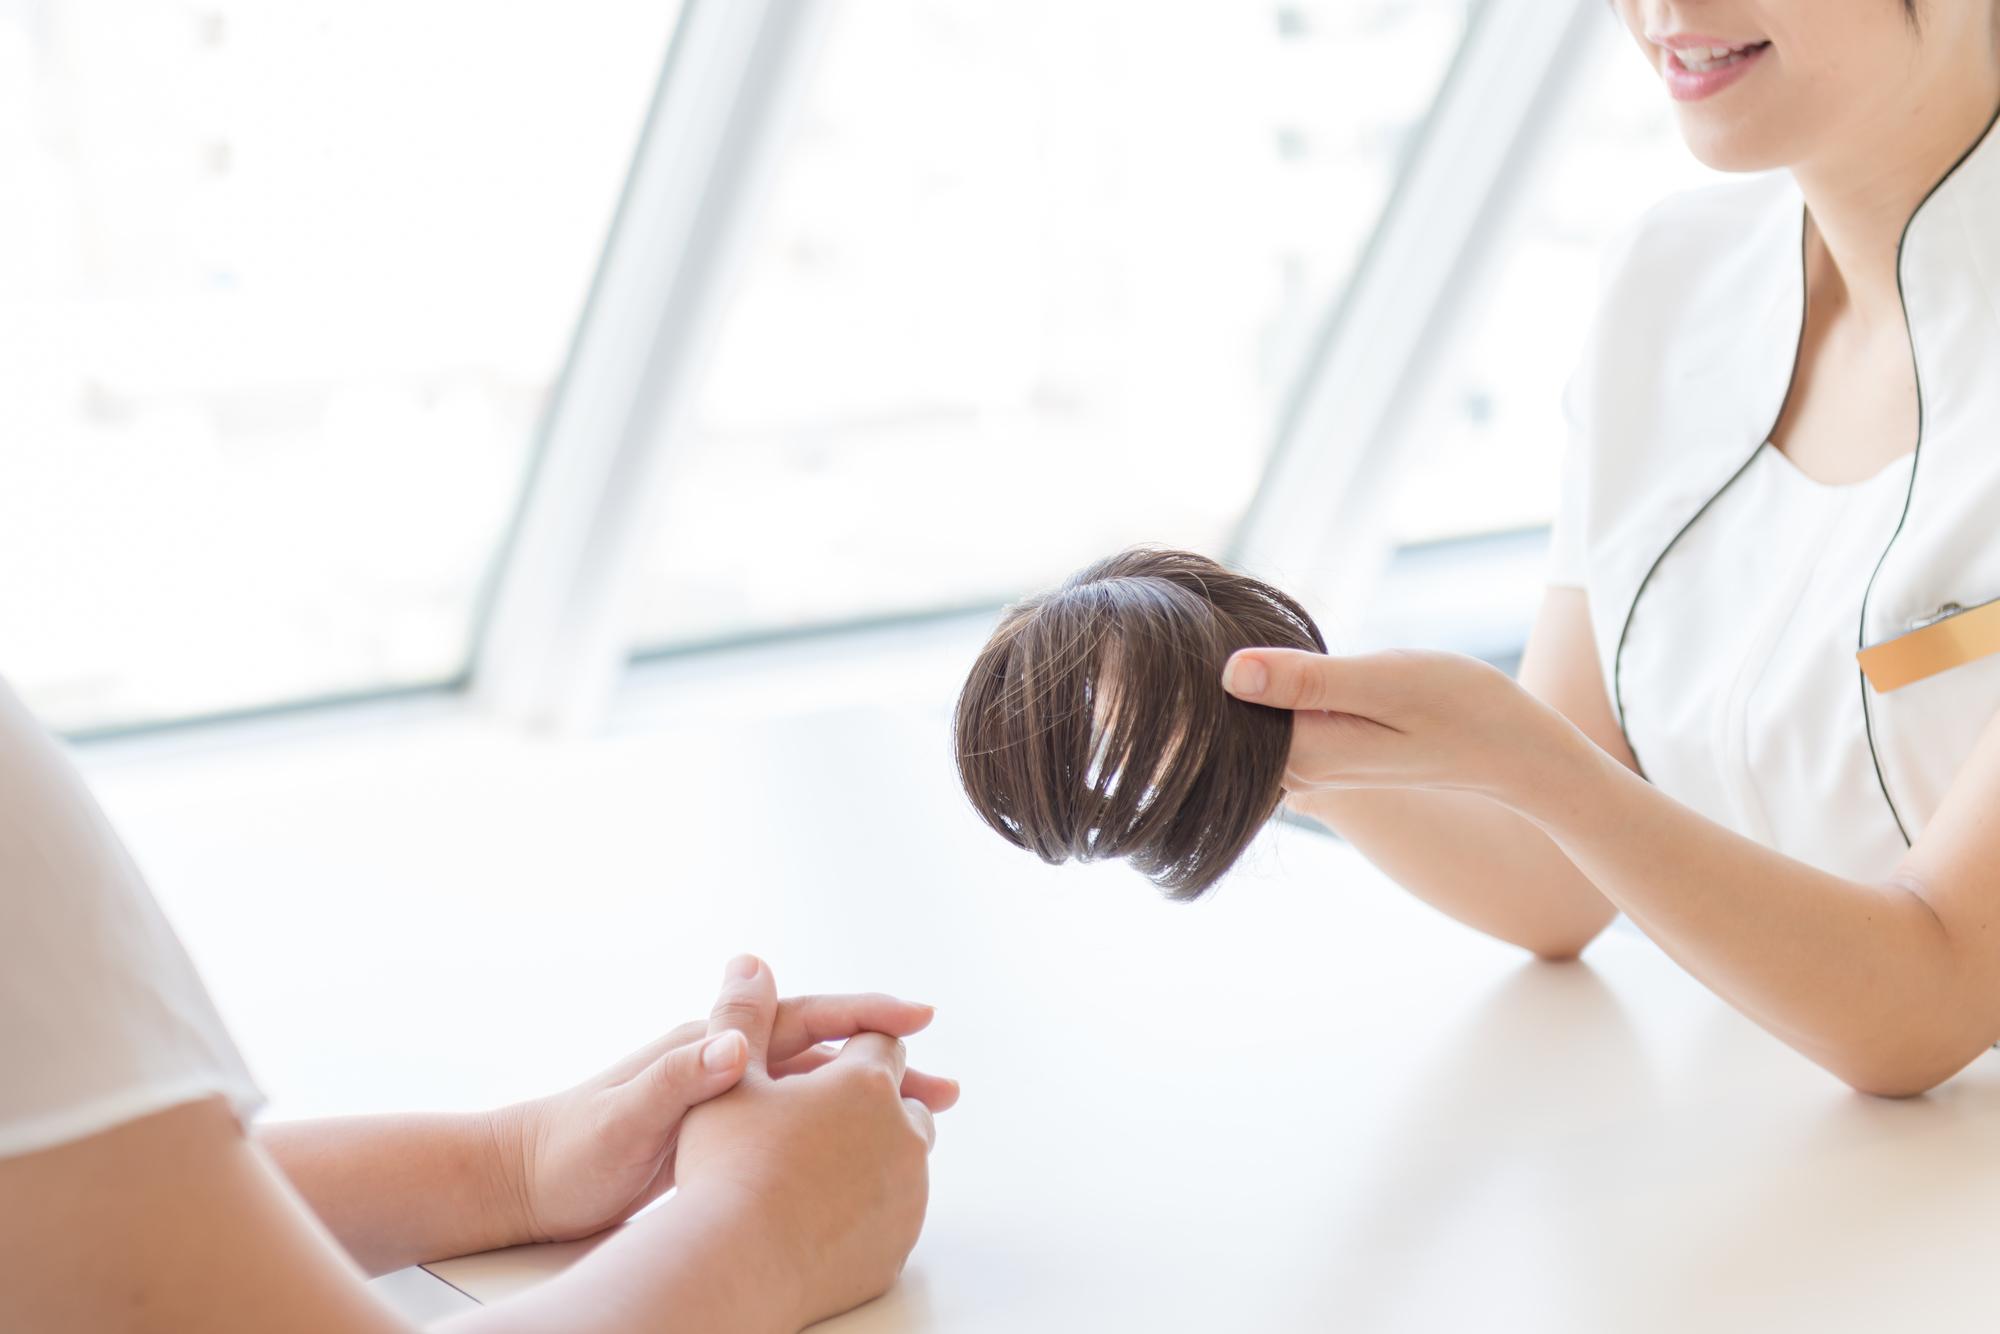 産後の抜け毛をウィッグやエクステで対策するメリットとデメリット